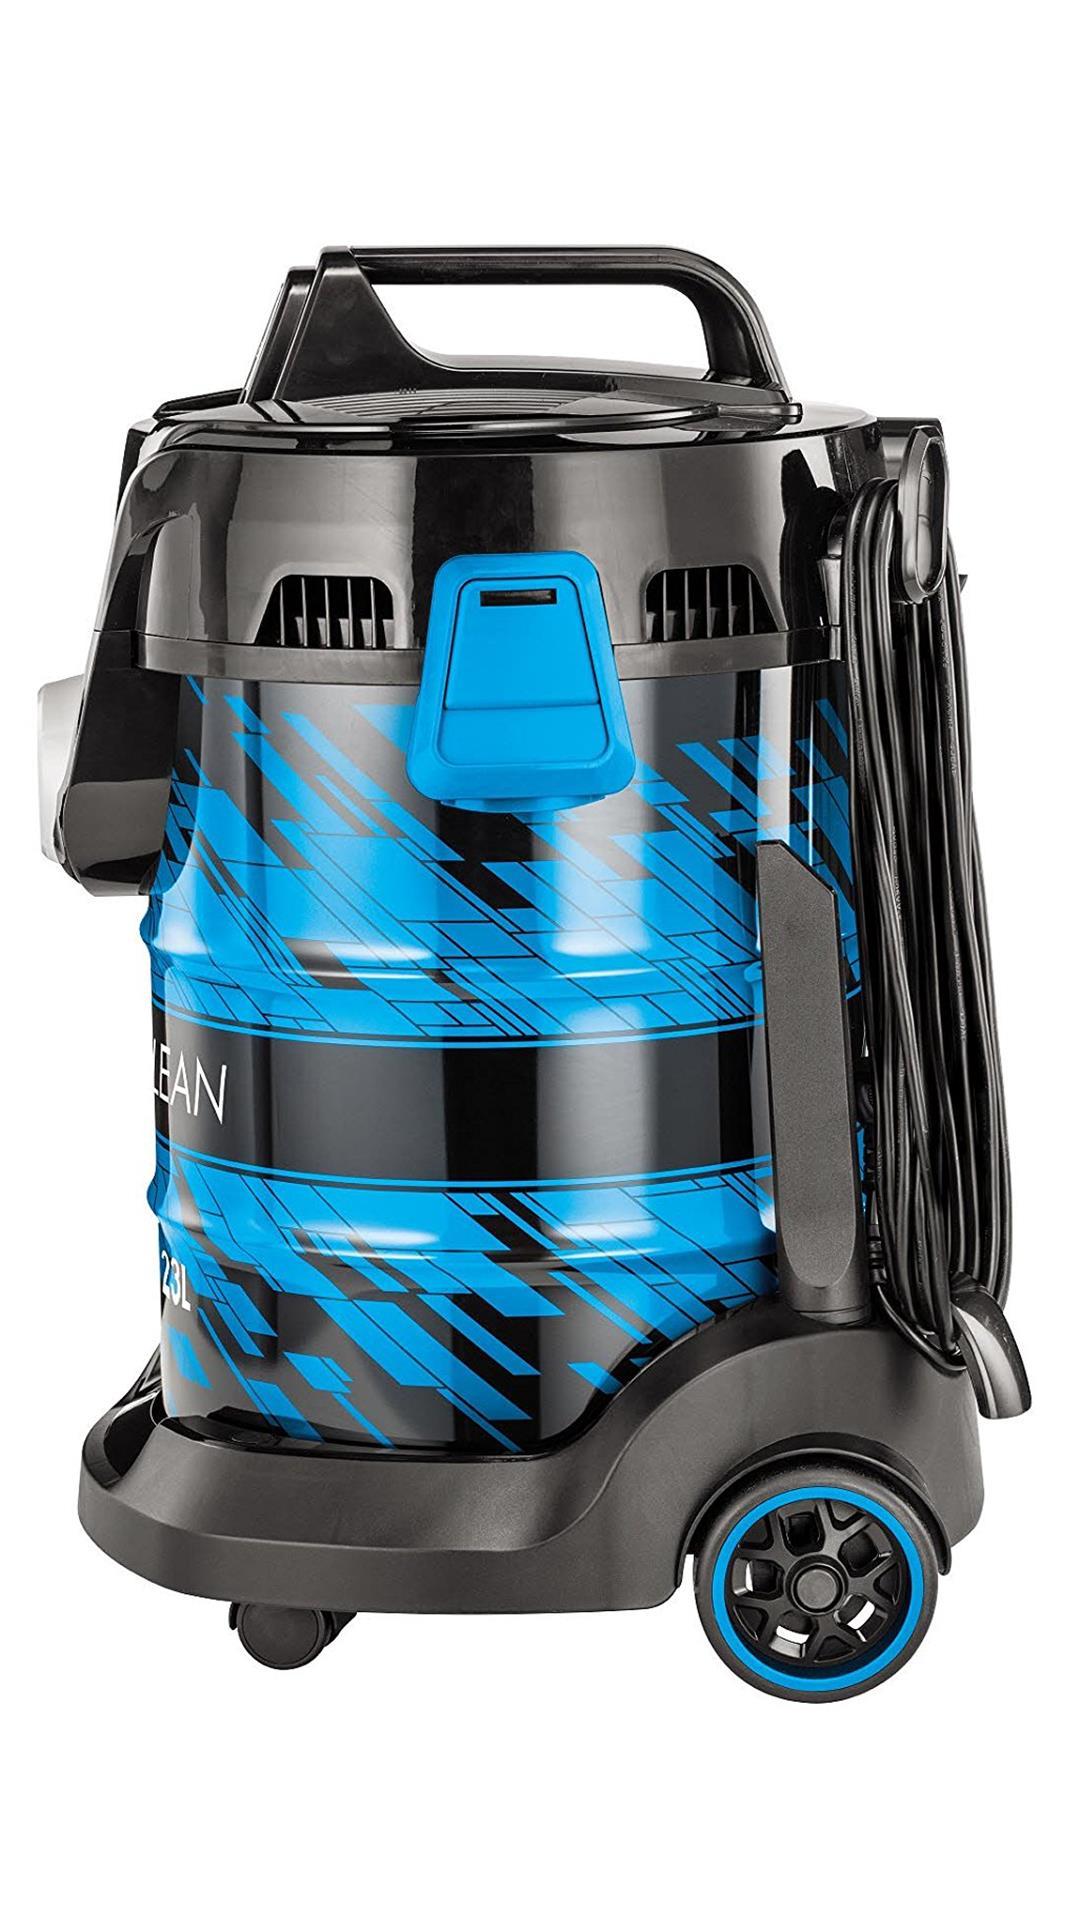 Bissell 20271 Dry Vacuum Cleaner (Black & Blue)